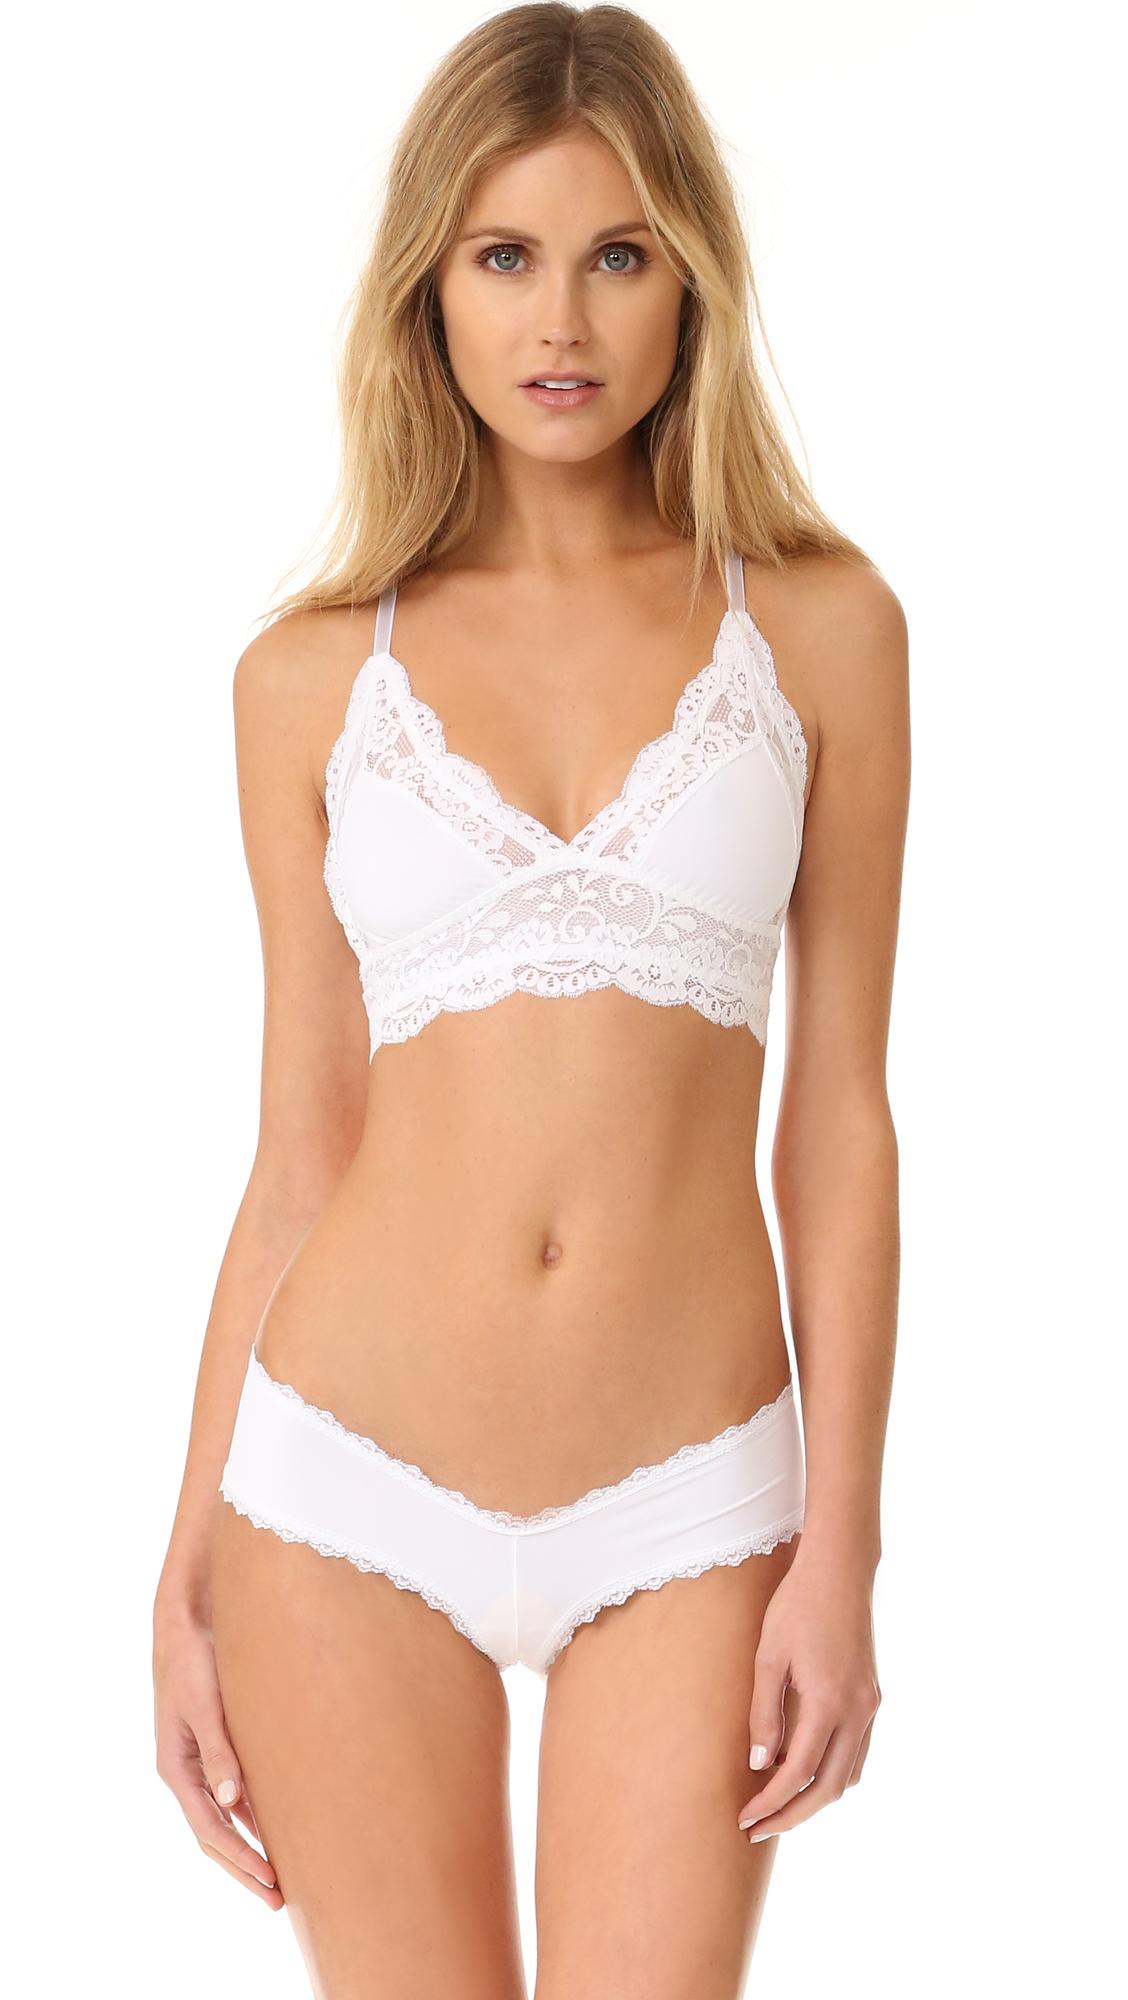 Les Coquines Jolie Bralette In Blanc